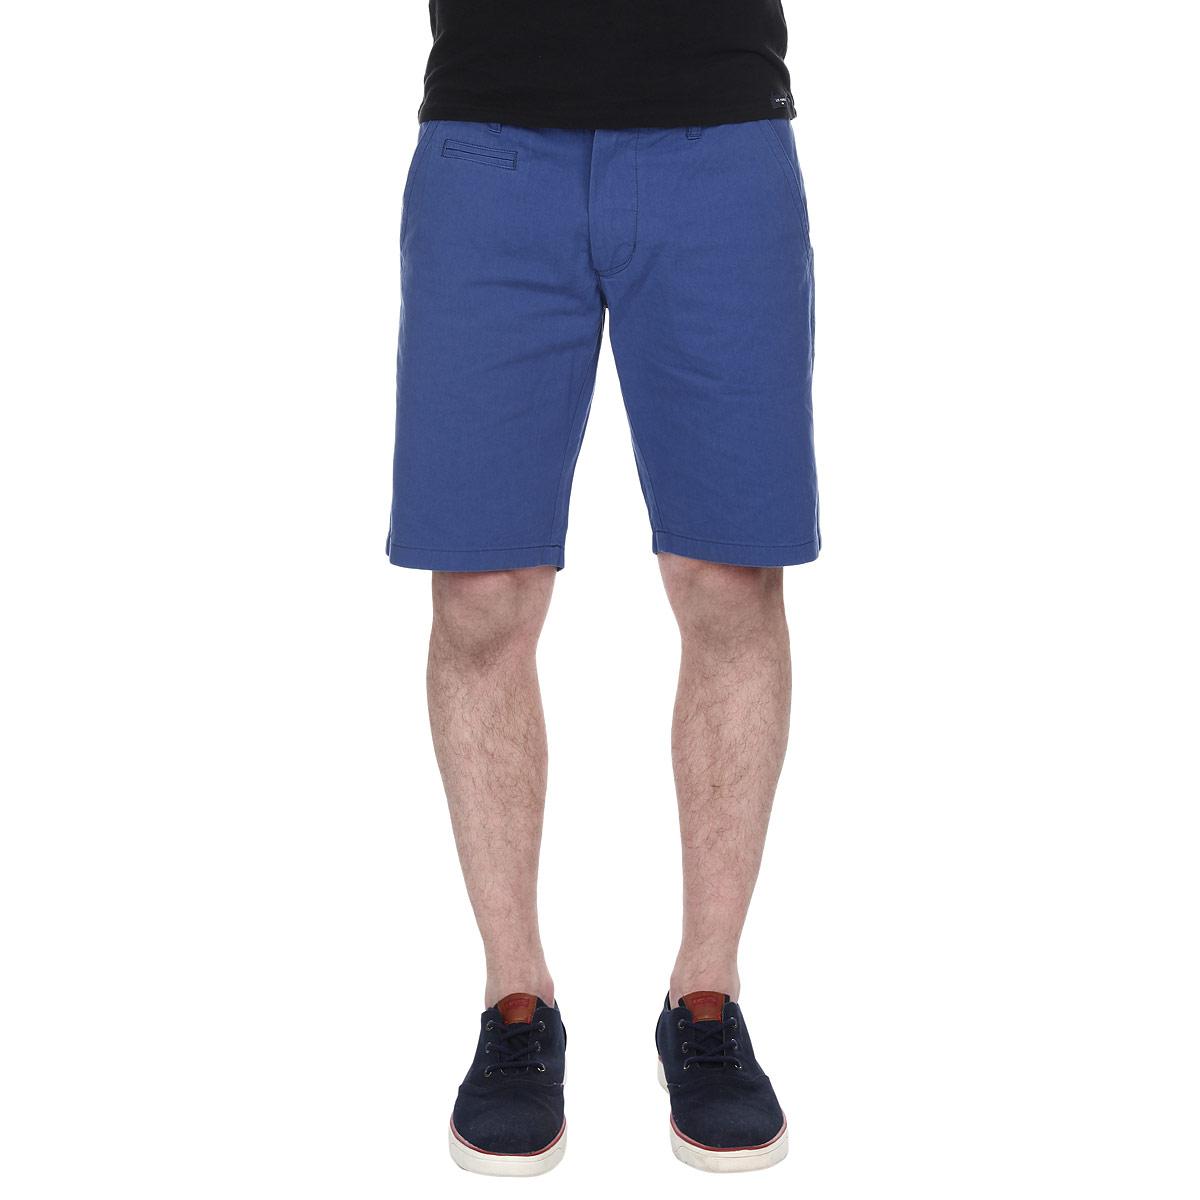 Шорты мужские. LCGMW031LCGMW031/COBALTСтильные мужские шорты Lee Cooper изготовлены из высококачественного хлопка. Модель средней посадки, застегивается на две пуговицы в поясе и ширинку на застежке-молнии, имеются шлевки для ремня. Спереди шорты оформлены двумя втачными карманами с косыми срезами и одним небольшим секретным кармашком, а сзади - двумя втачными карманами с клапанами на пуговицах. Эти модные и в тоже время комфортные шорты послужат отличным дополнением к вашему гардеробу. В них вы всегда будете чувствовать себя уютно и комфортно.